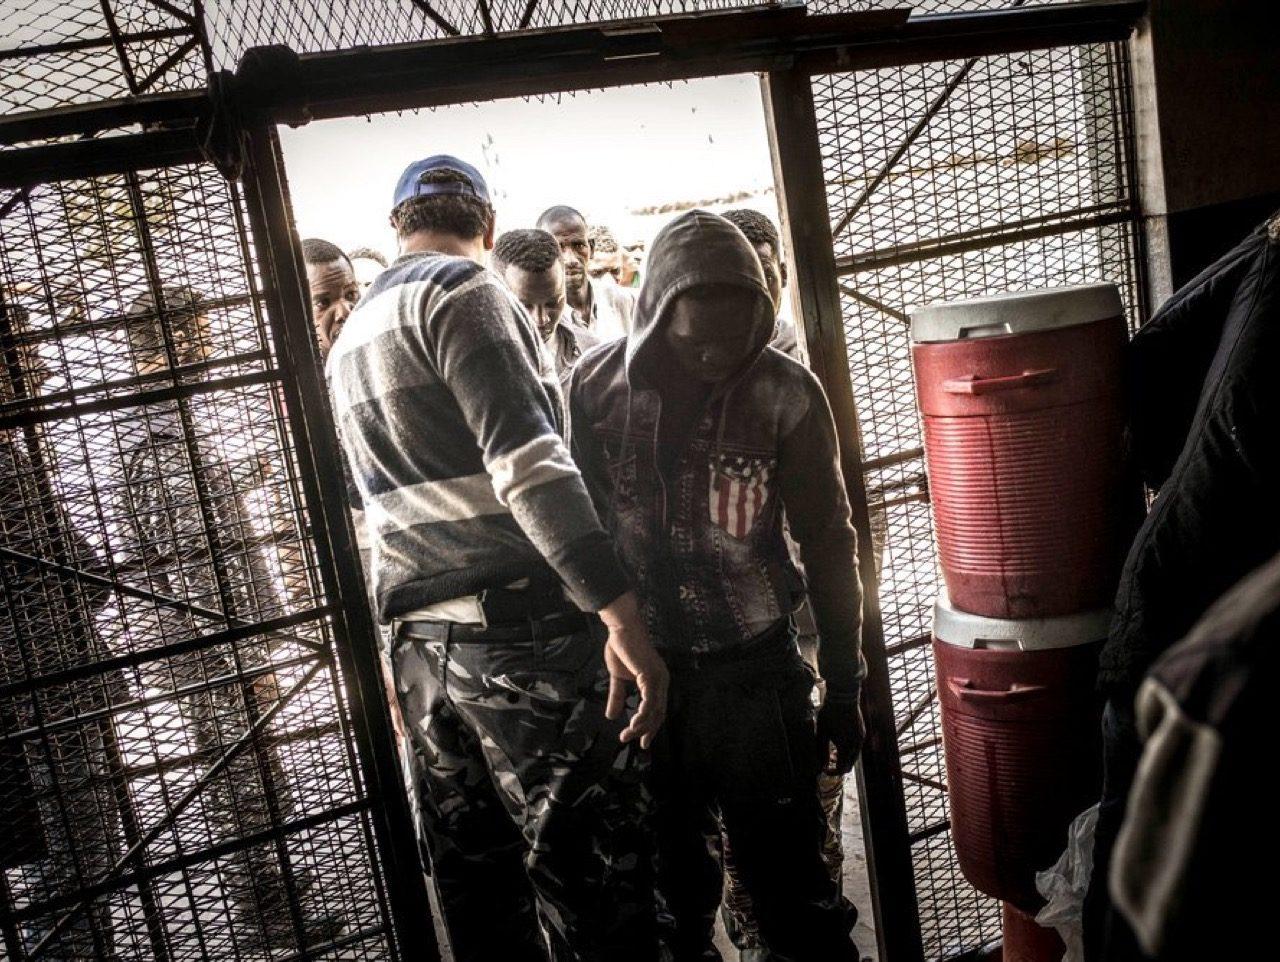 Rinnovando gli accordi con la Libia, l'Italia ha scelto di stare dalla parte della disumanità